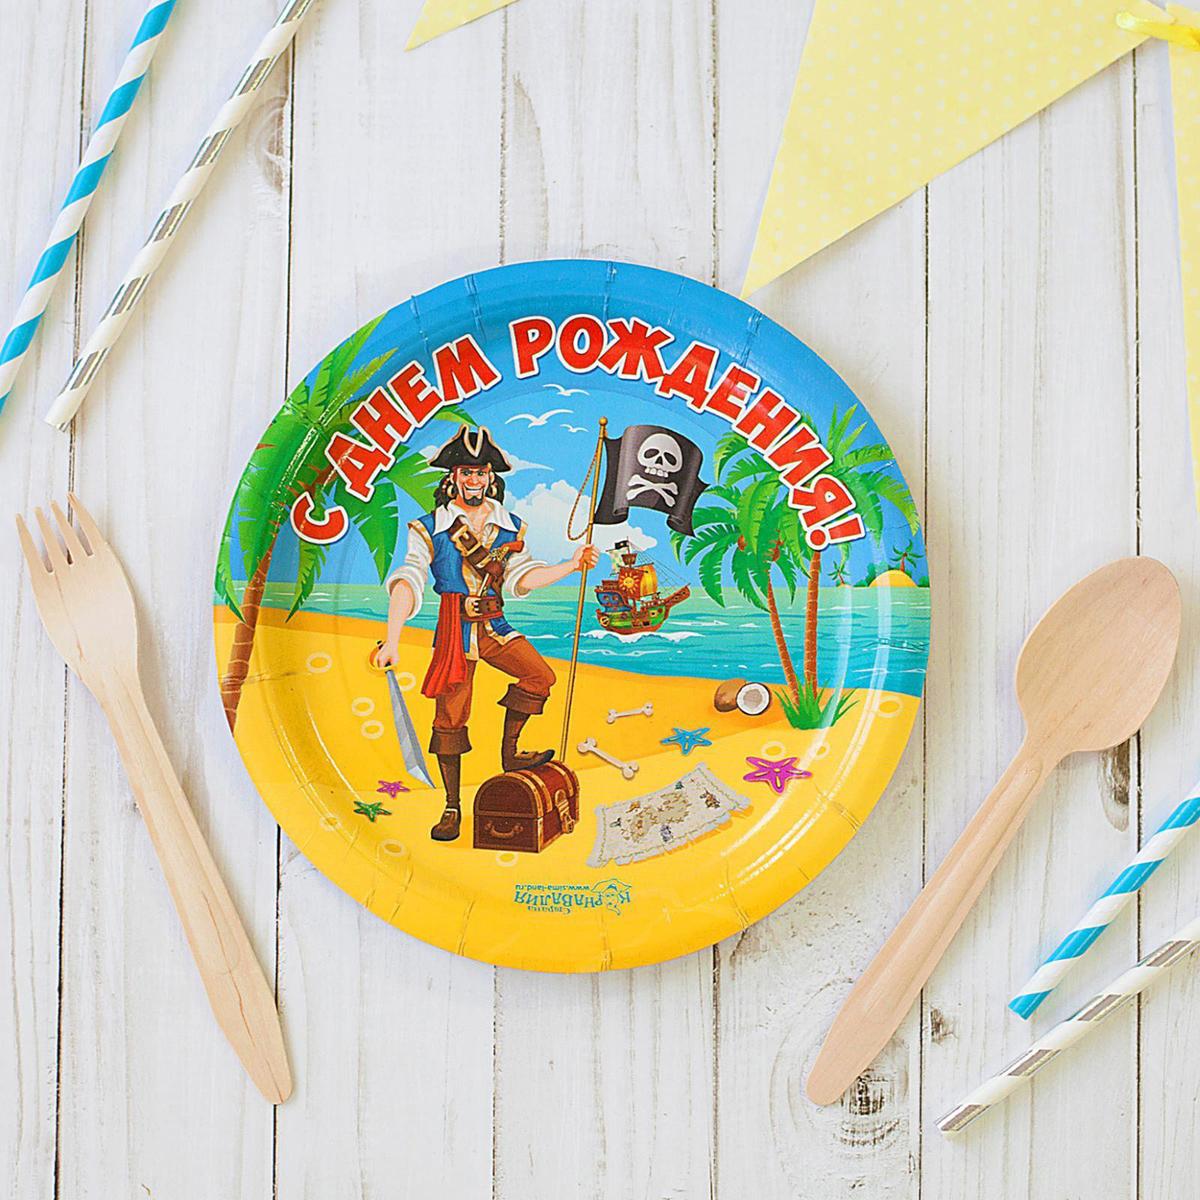 Страна Карнавалия Тарелка бумажная С Днем Рождения! Пират 18 см 6 шт 2298377 страна карнавалия набор бумажных стаканов с днем рождения пират 6 шт